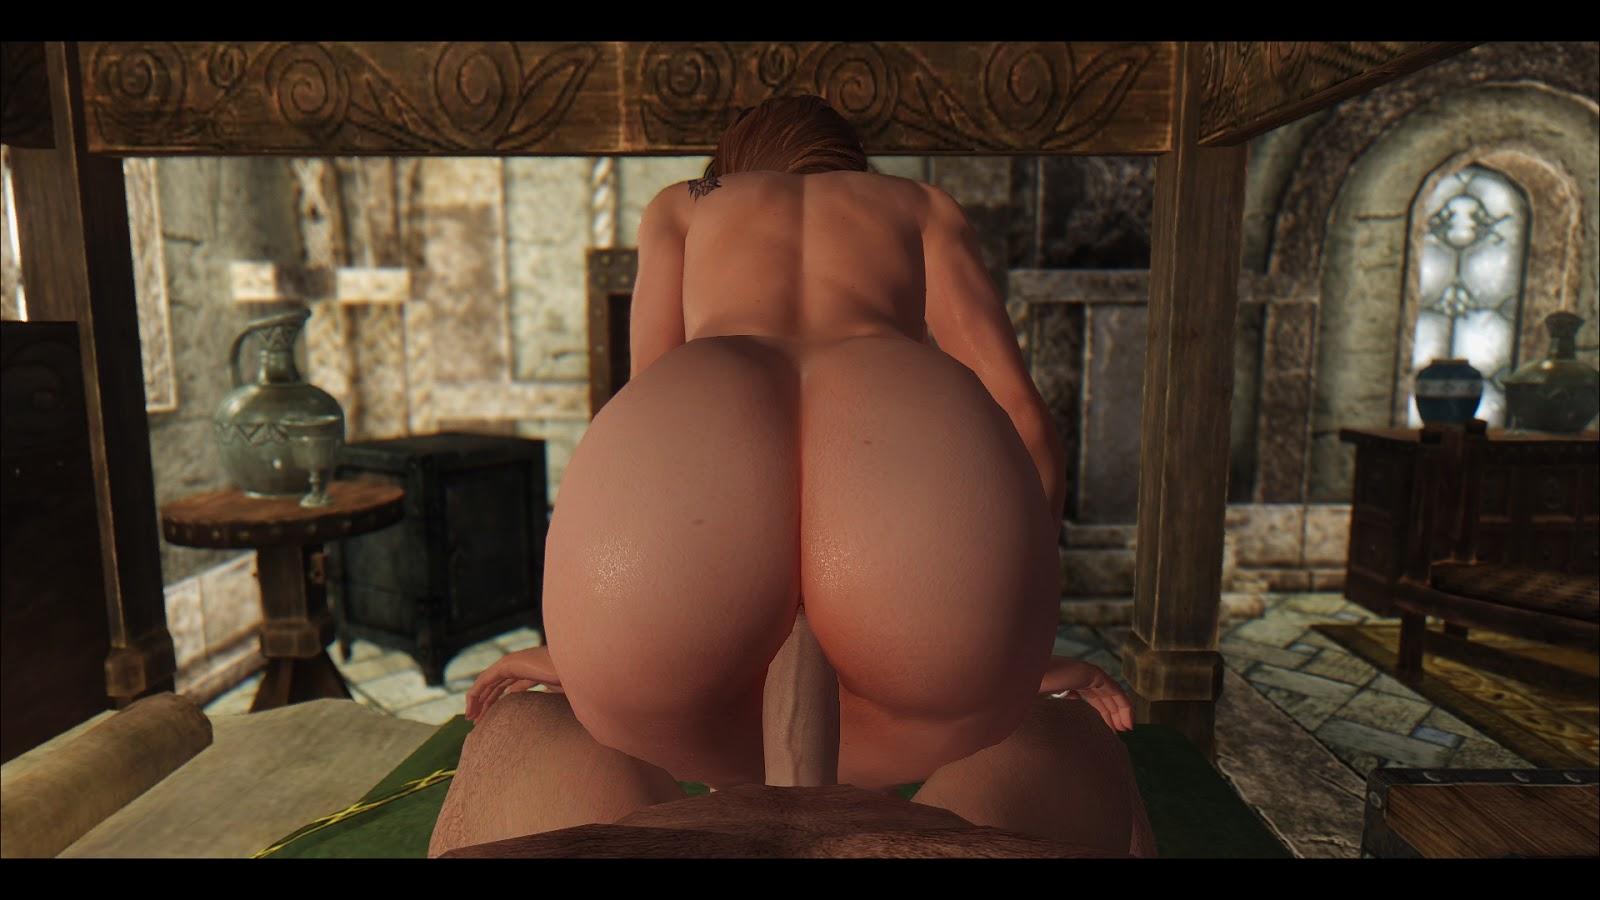 Xxx skyrim images naked image